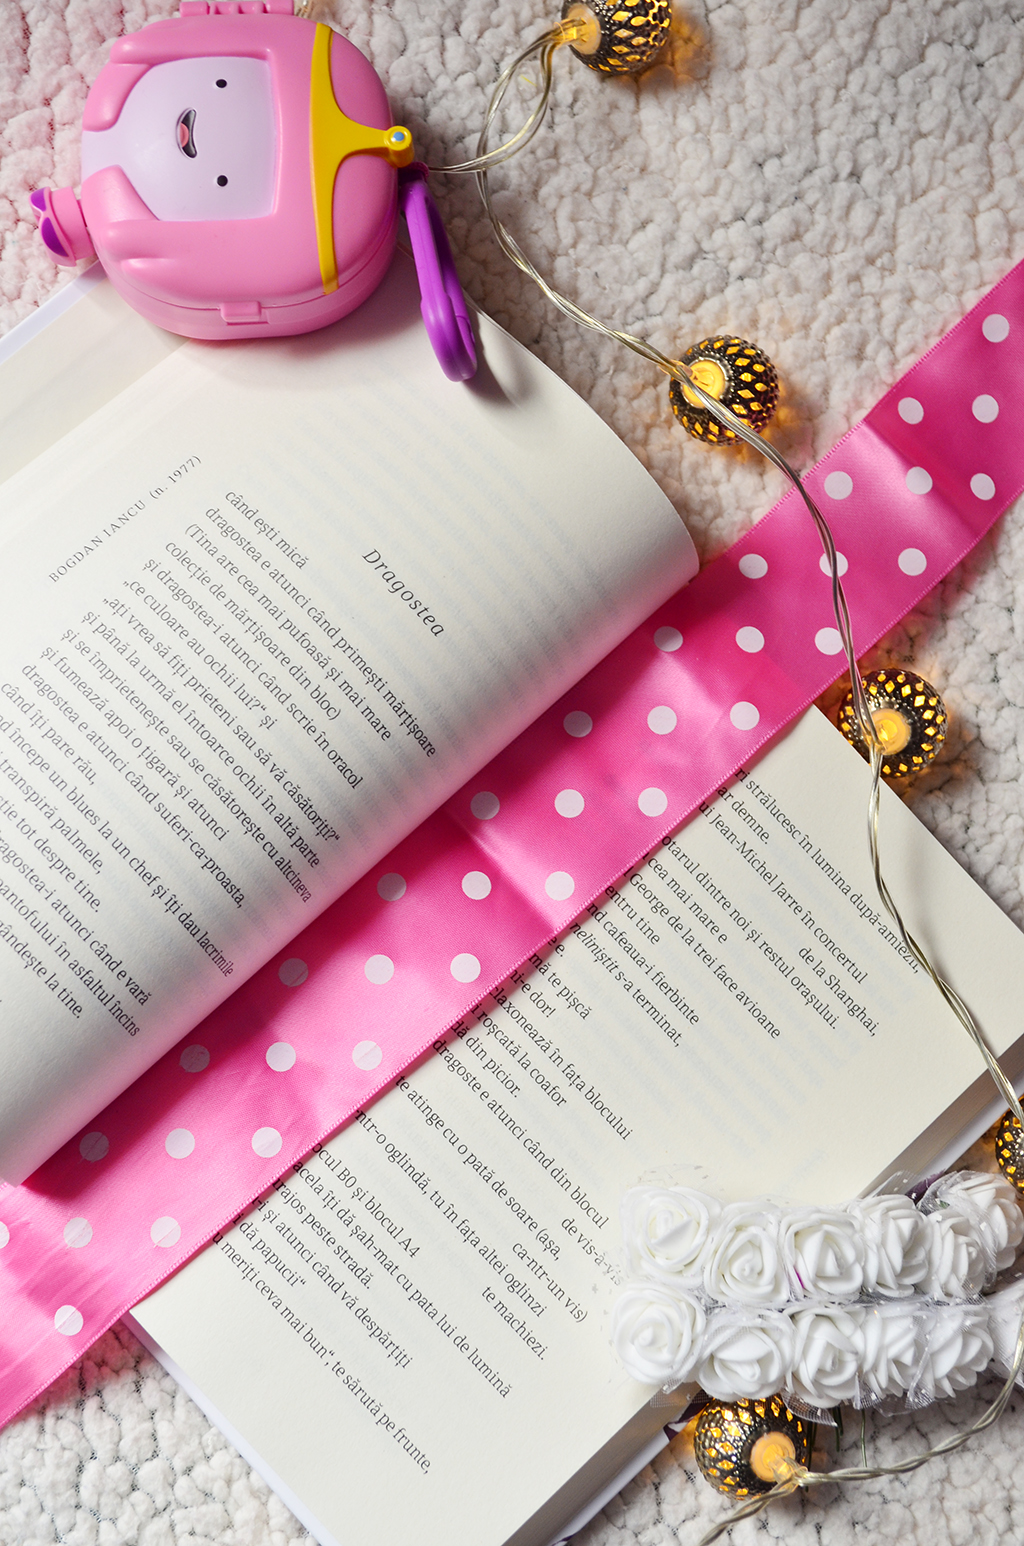 cadou carte dragobete 111 cele mai frumoase poezii dragoste banda desenata batman